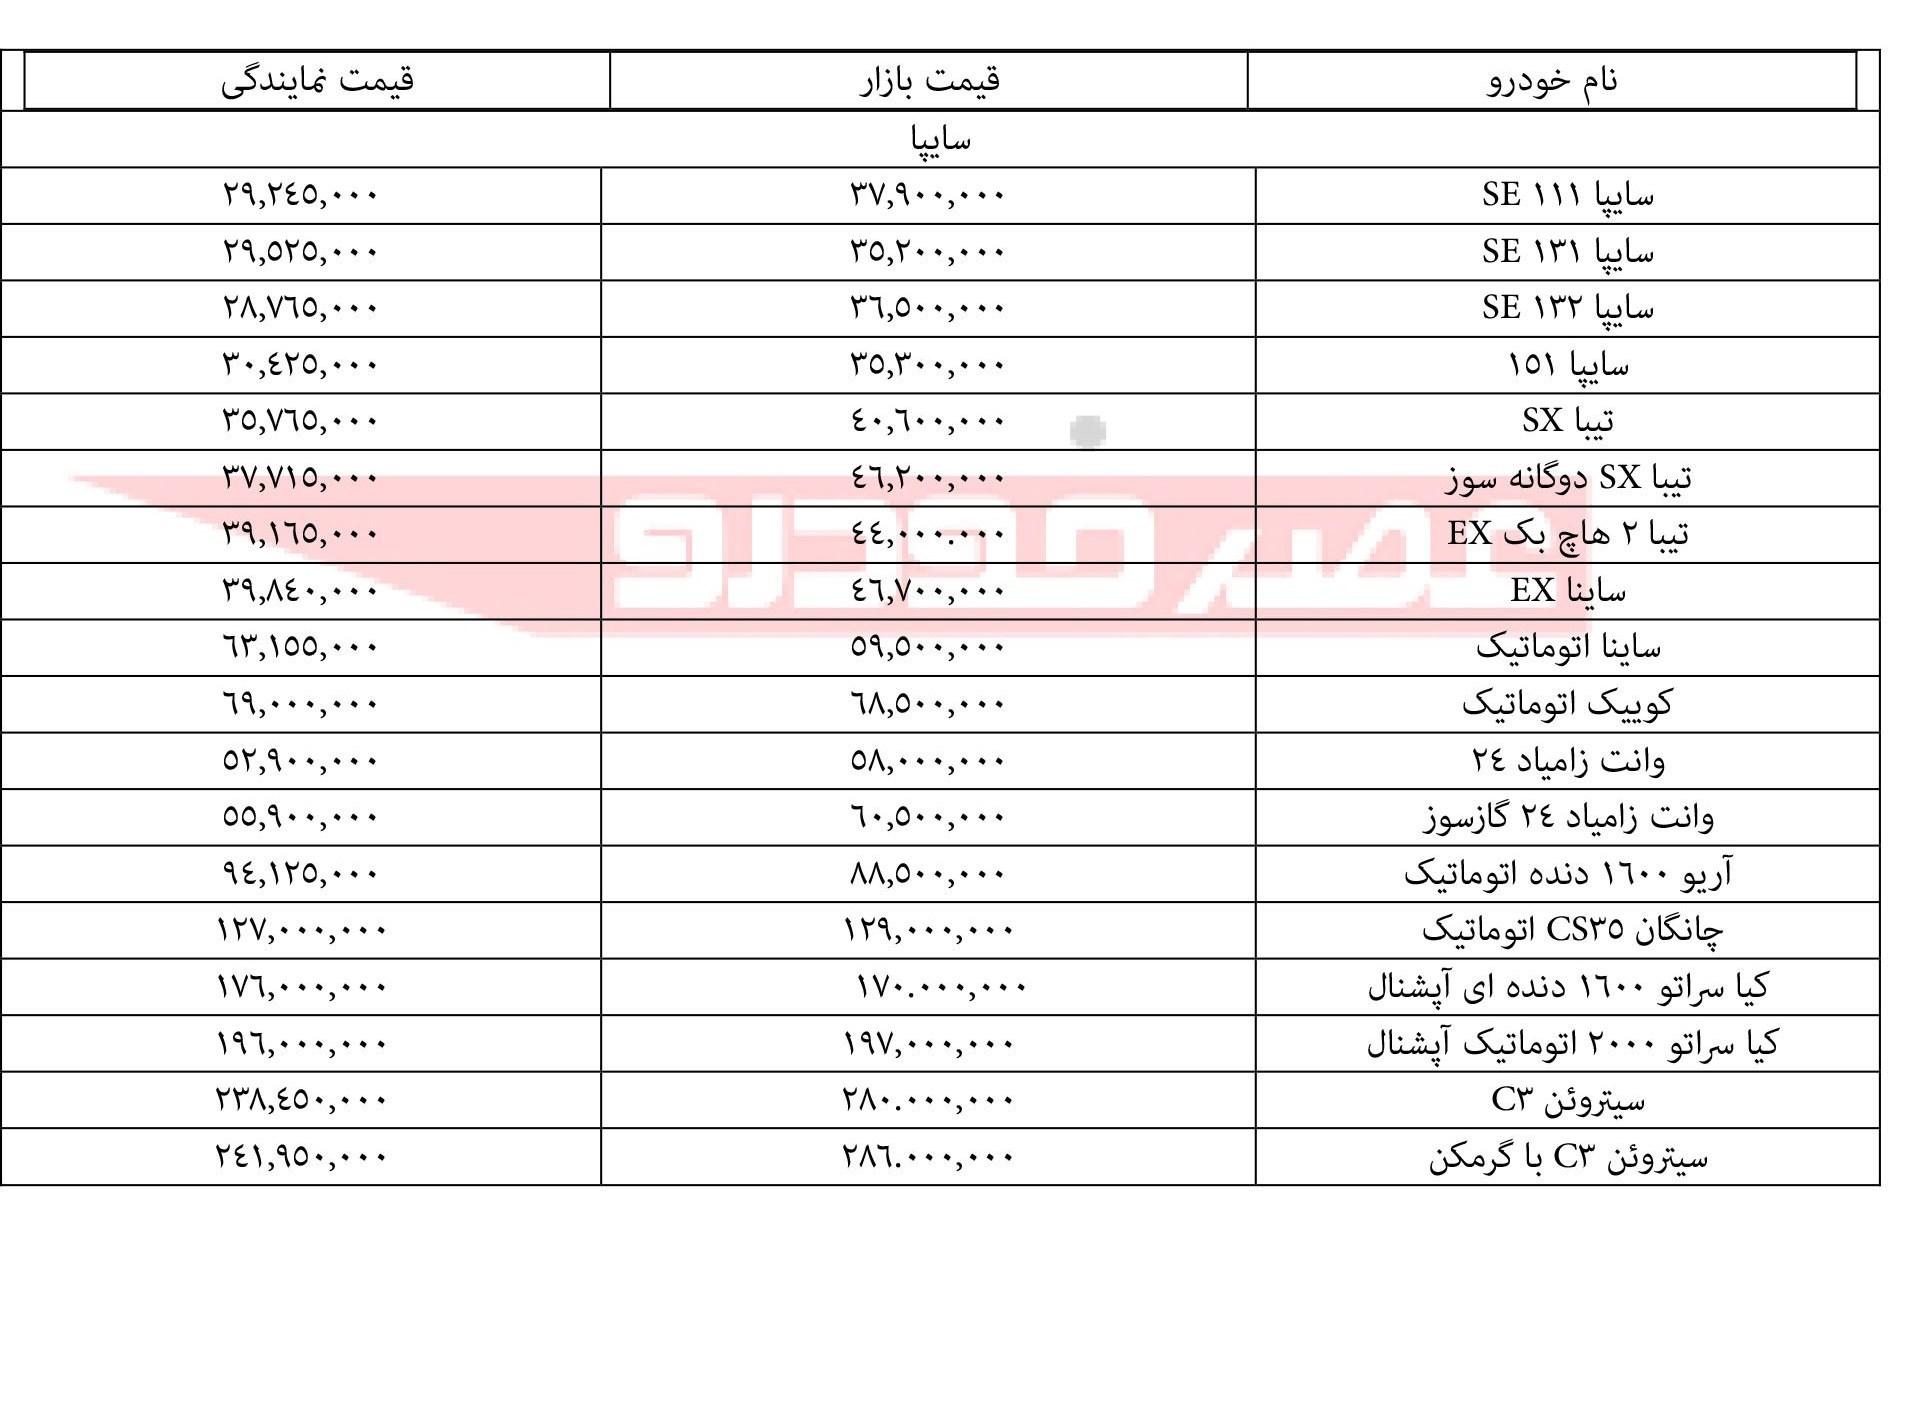 قیمت انواع محصولات سایپا ۲۵ دی ۹۷ - 2